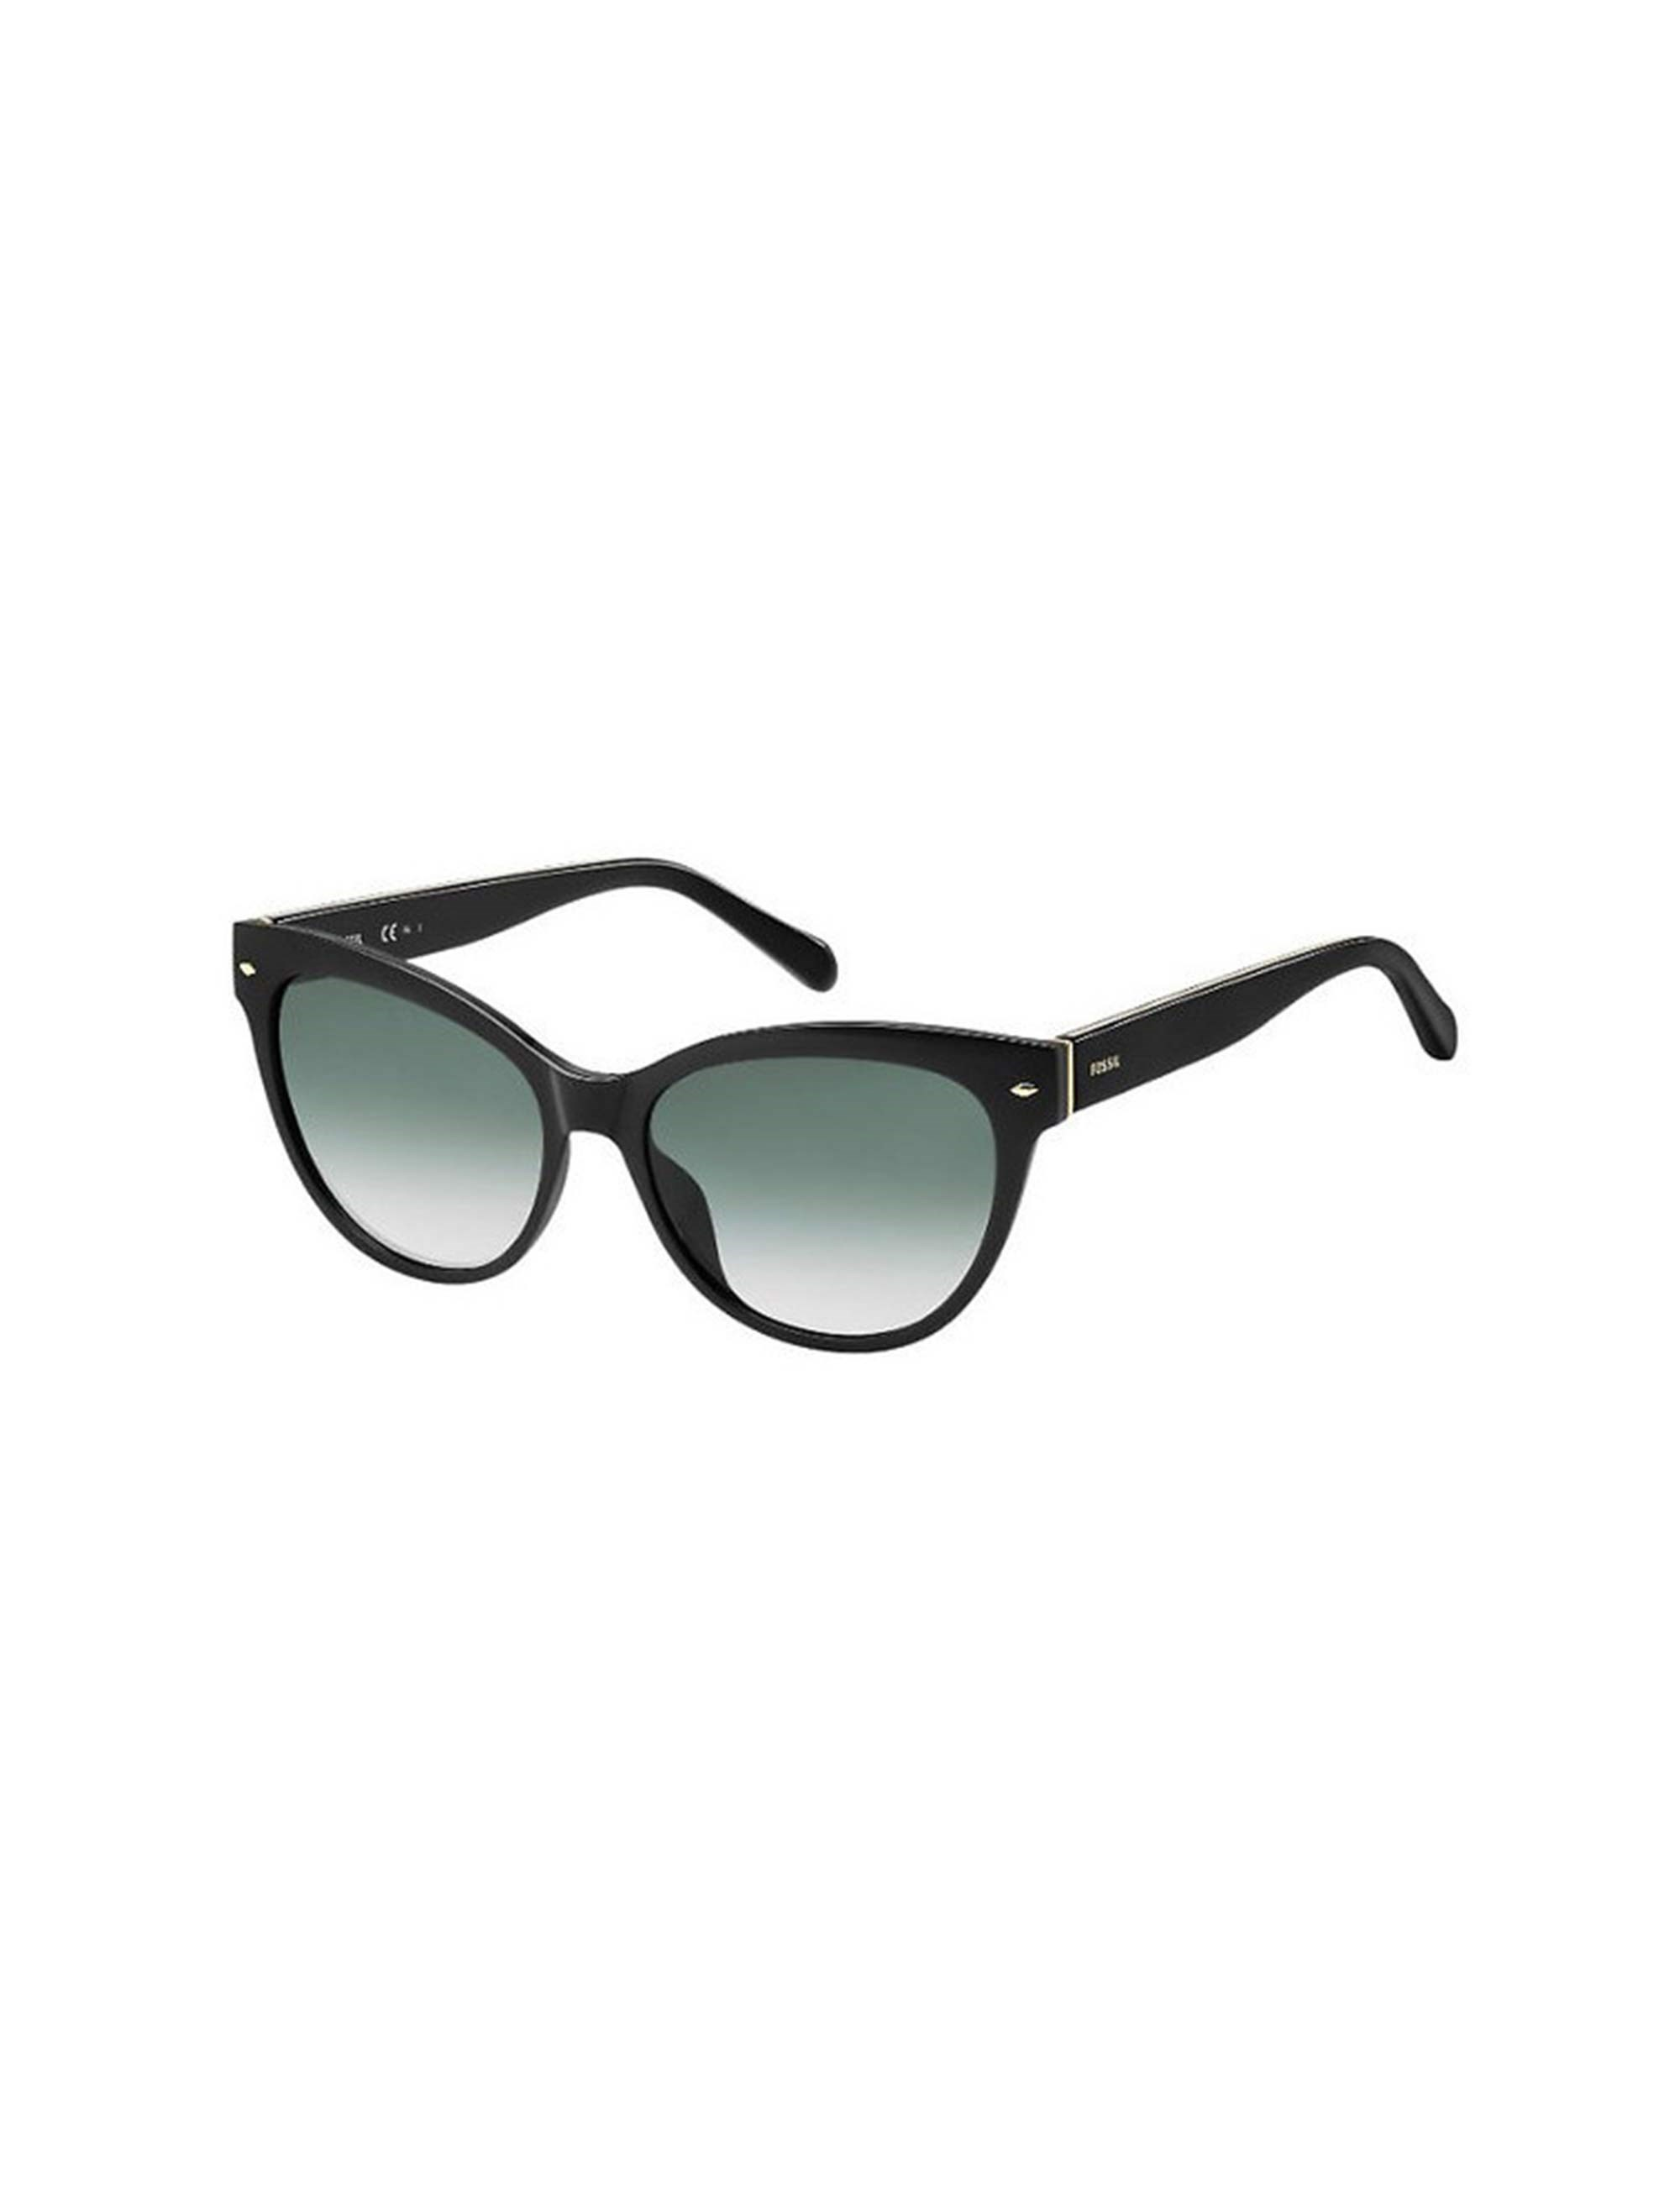 عینک آفتابی گربه ای زنانه - فسیل